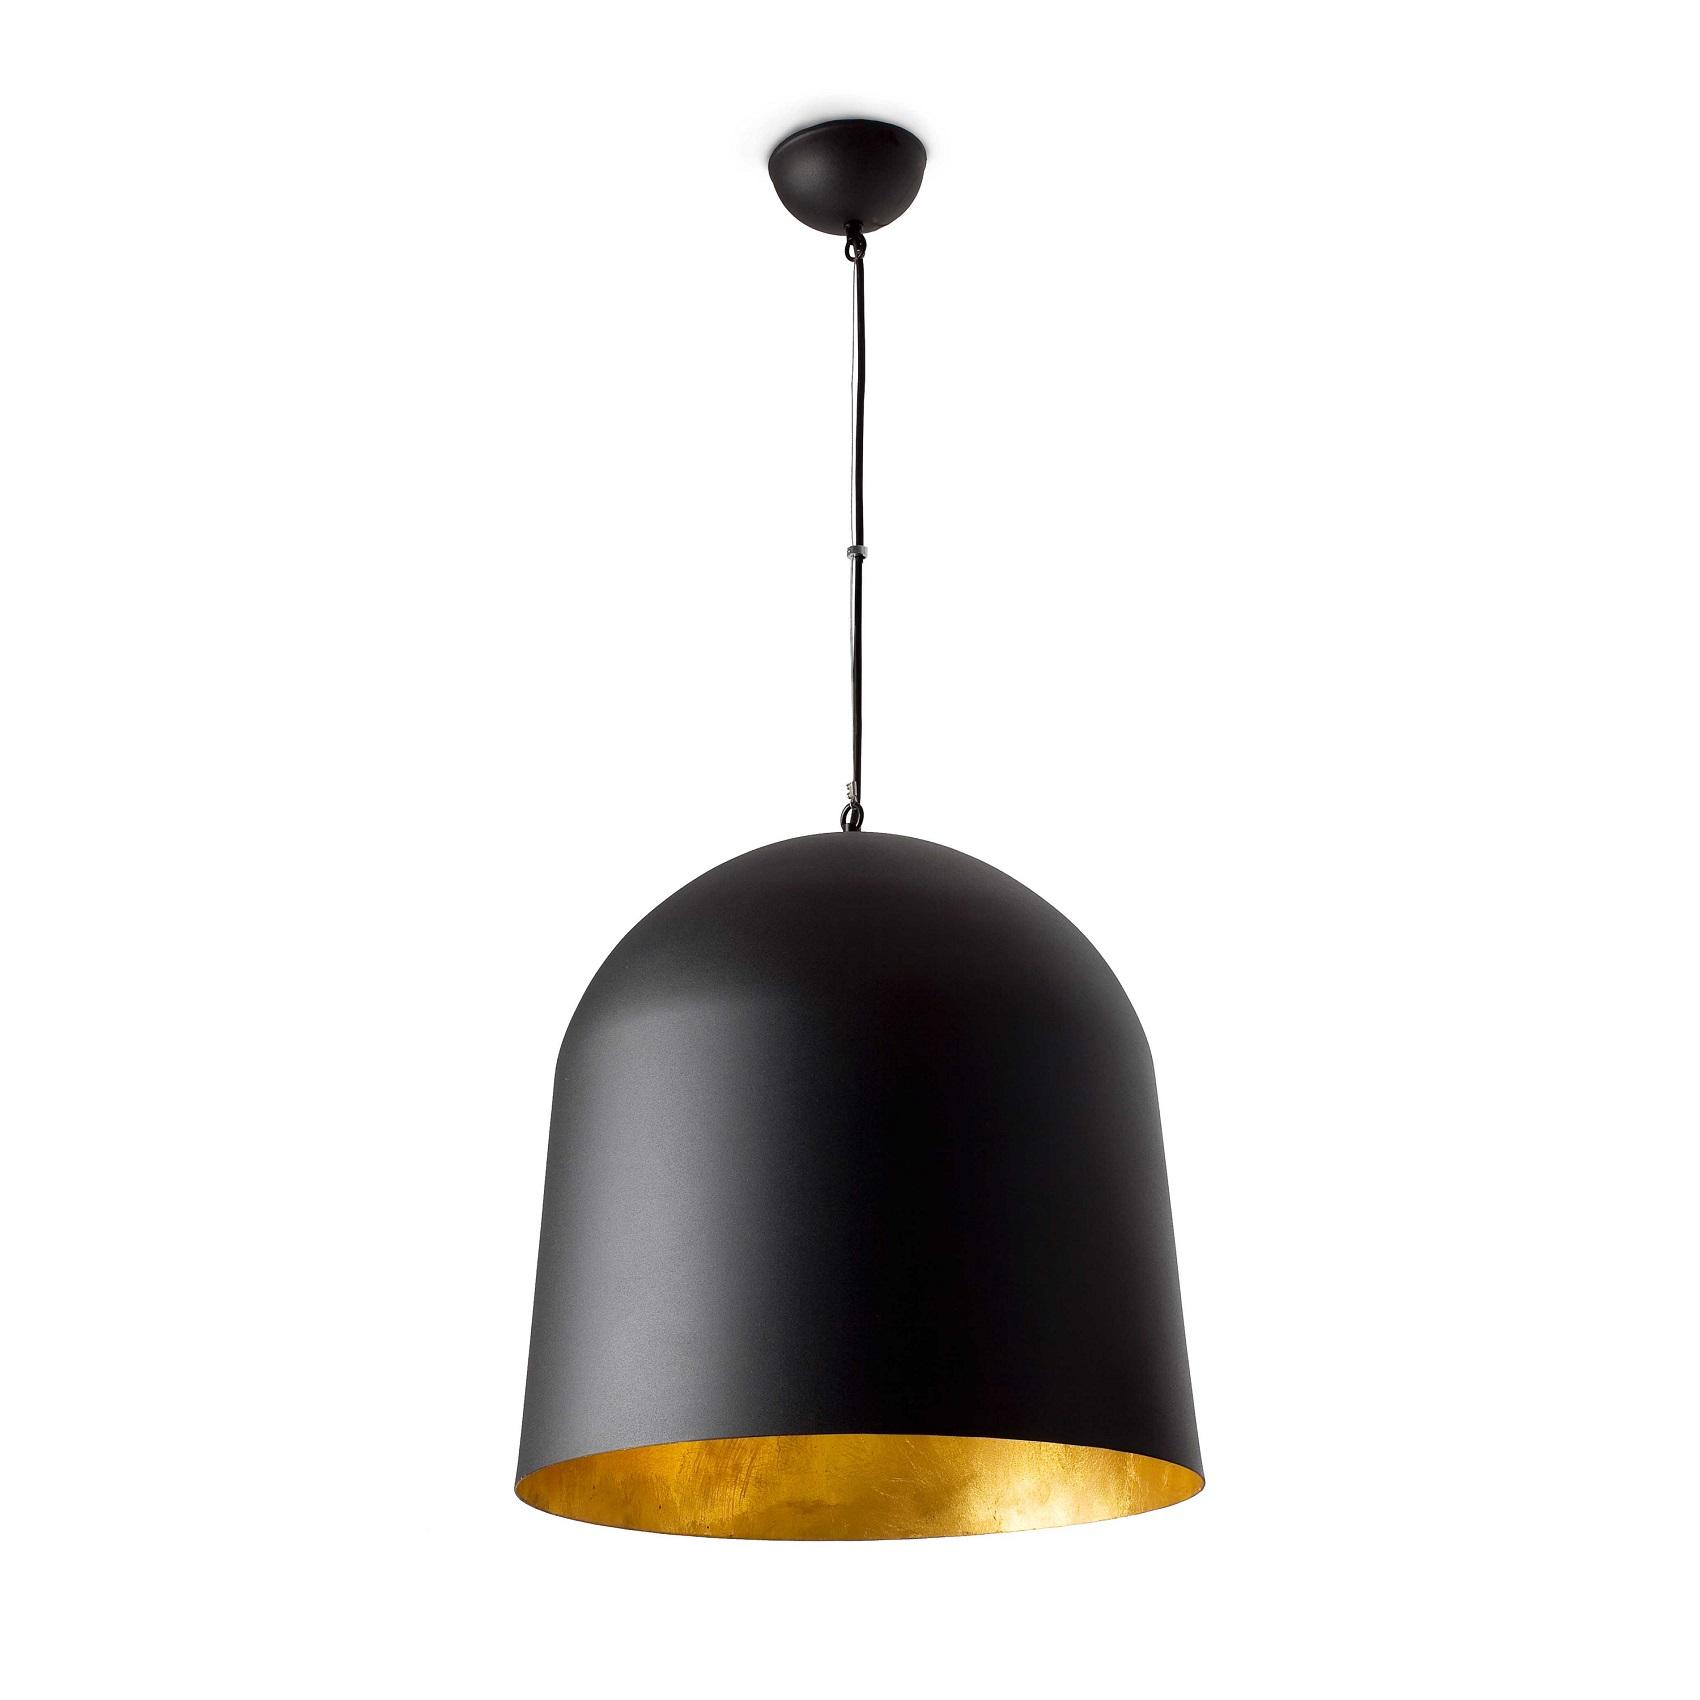 suspension crater noir or faro. Black Bedroom Furniture Sets. Home Design Ideas